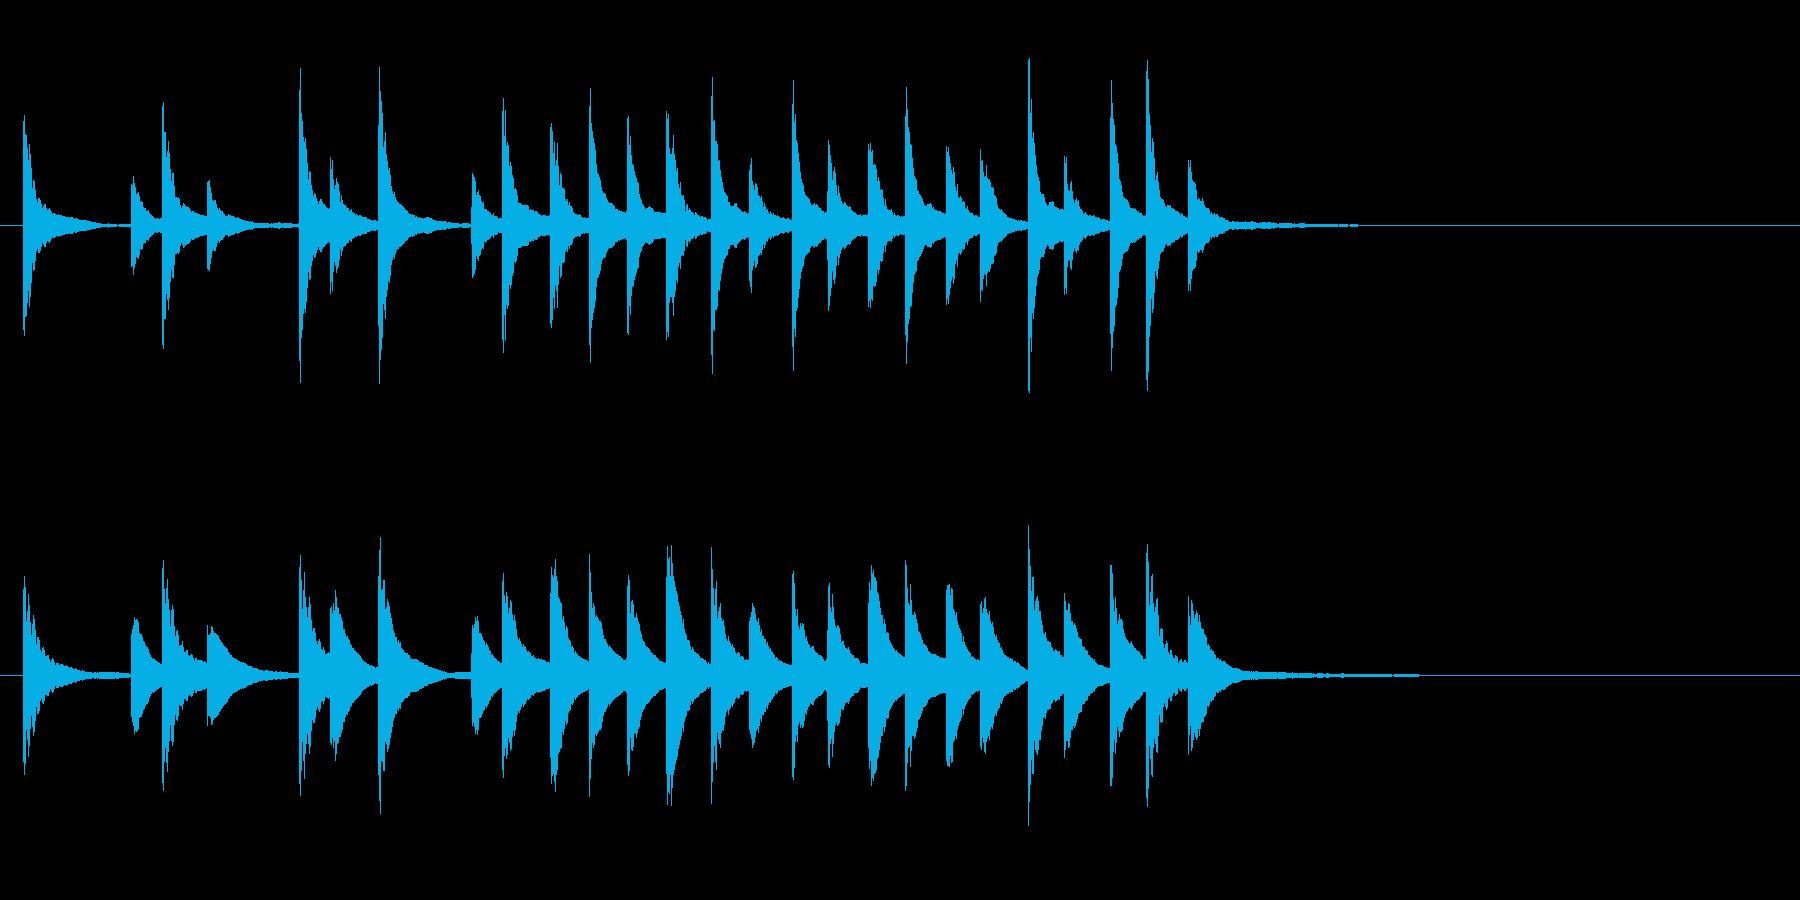 邦楽の小さな鉦、松虫軽快フレーズ音+FXの再生済みの波形